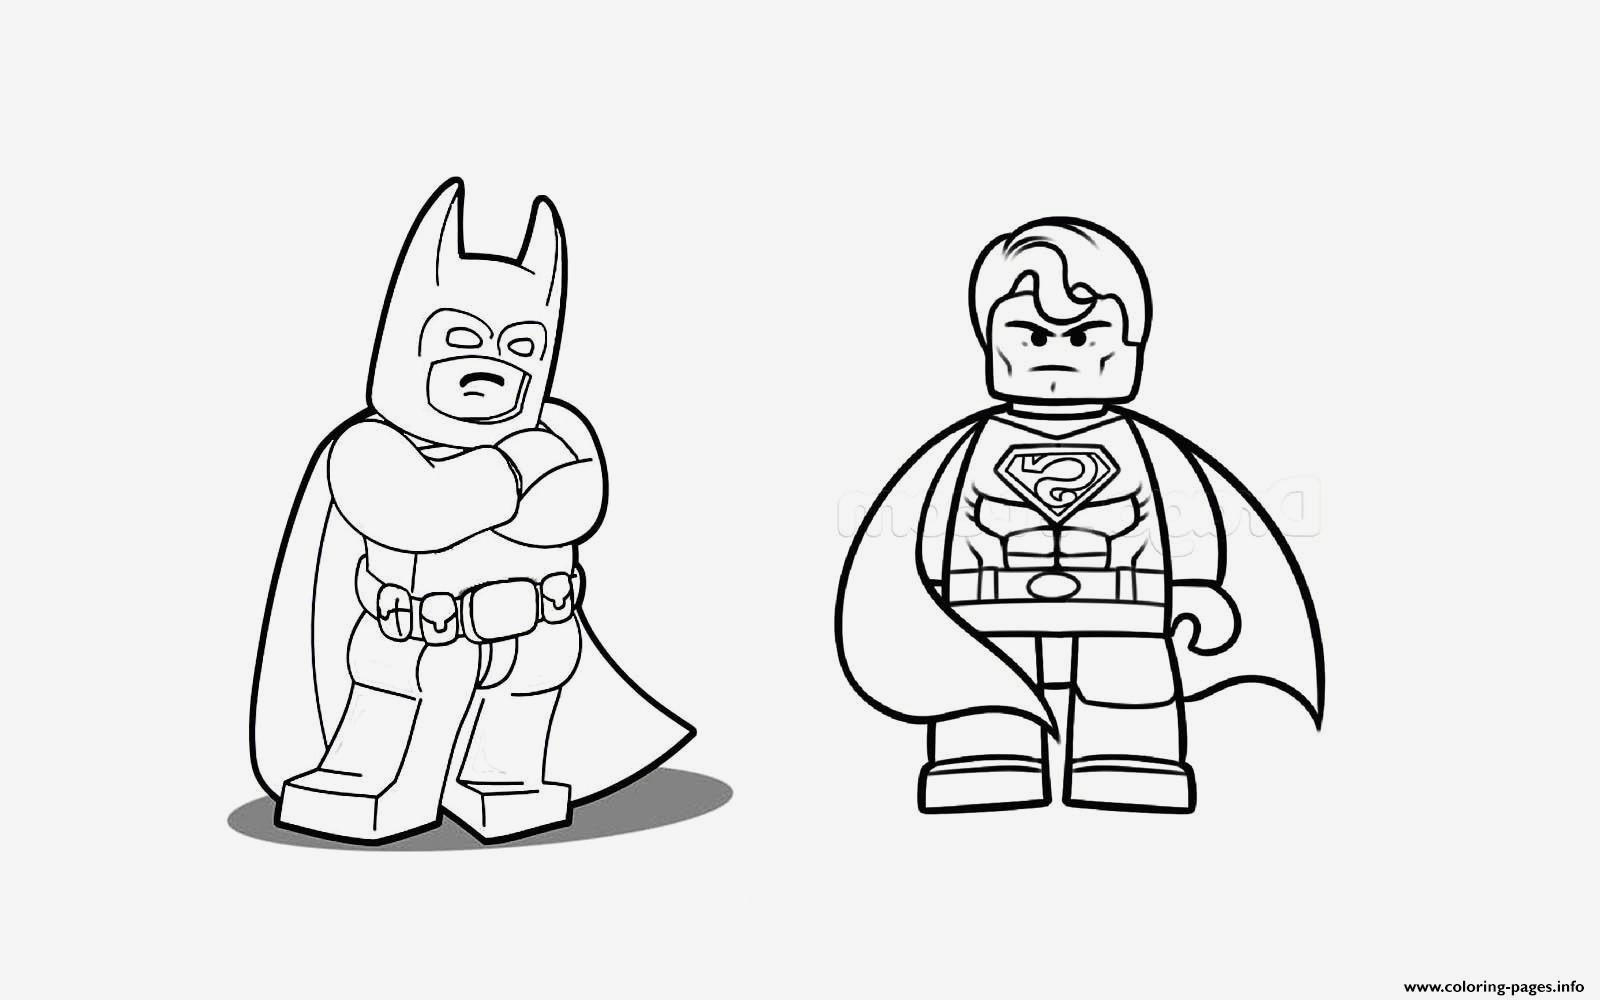 Ausmalbild Lego Batman Einzigartig Lego Batman Ausmalbilder Verschiedene Bilder Färben 13 Awesome Lego Galerie